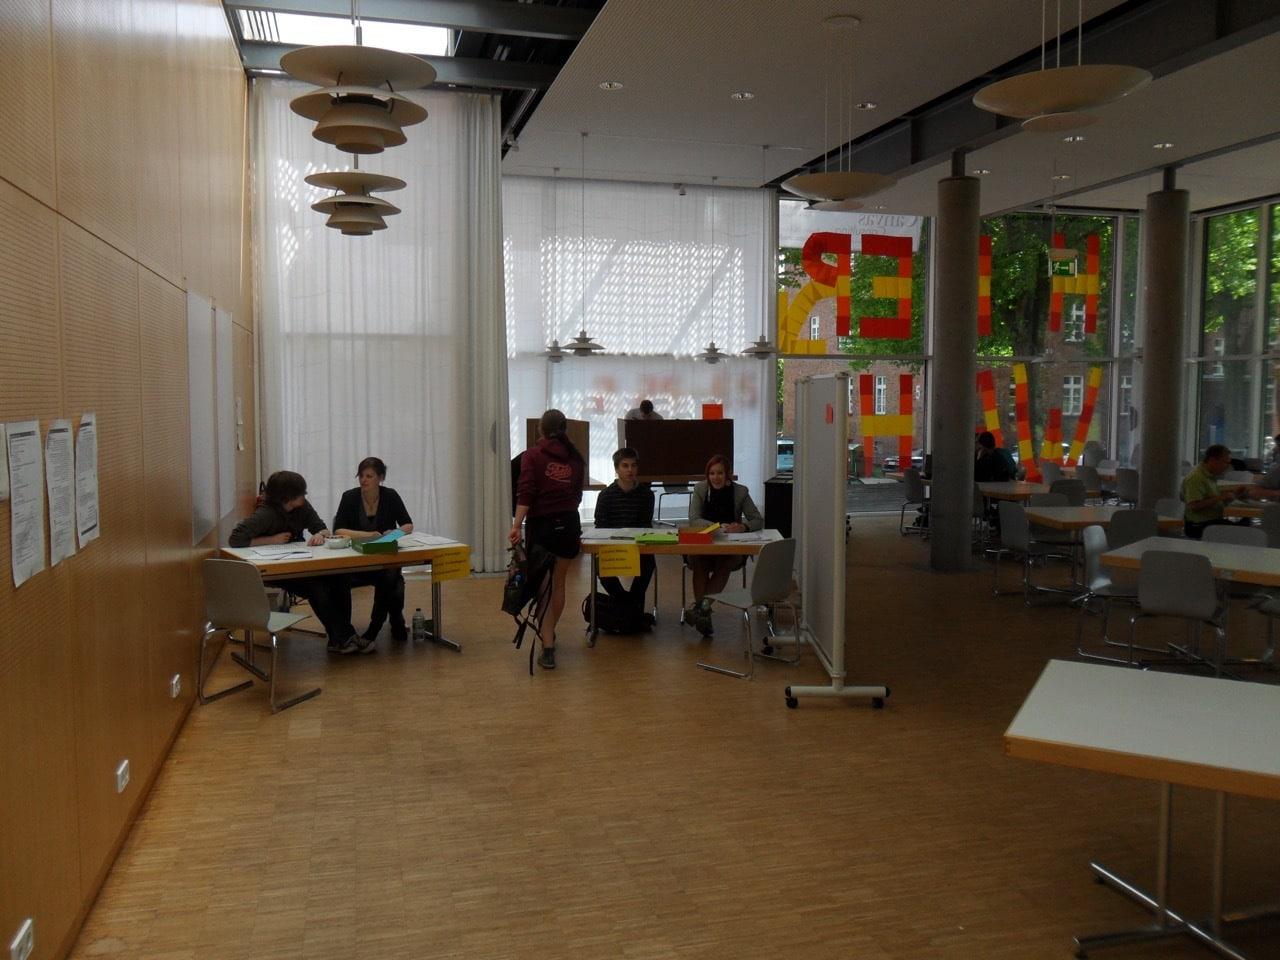 Wahllokal in der Mensa / (C) Christopher Bohlens